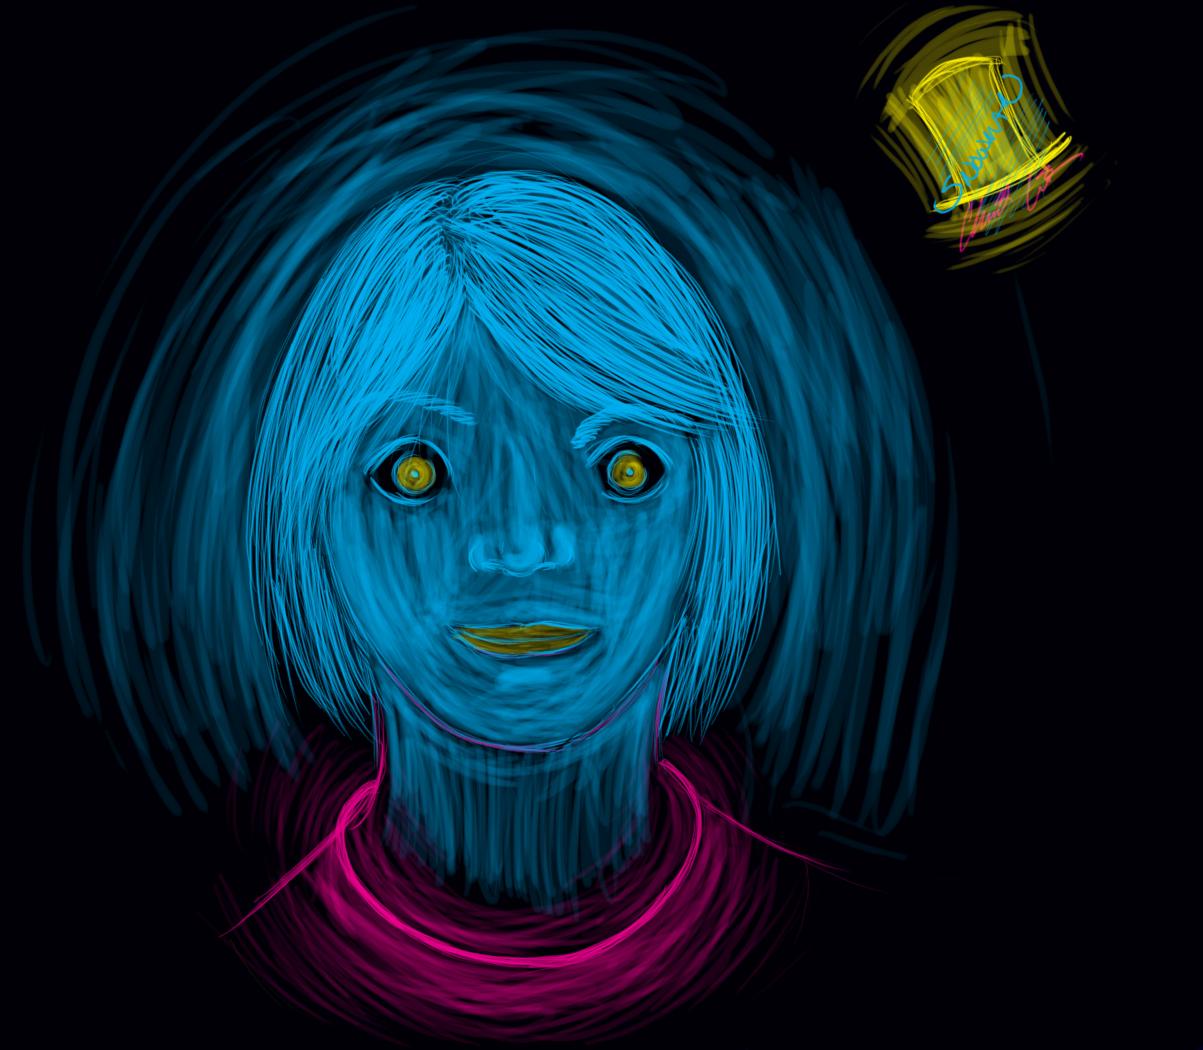 Miss Neon